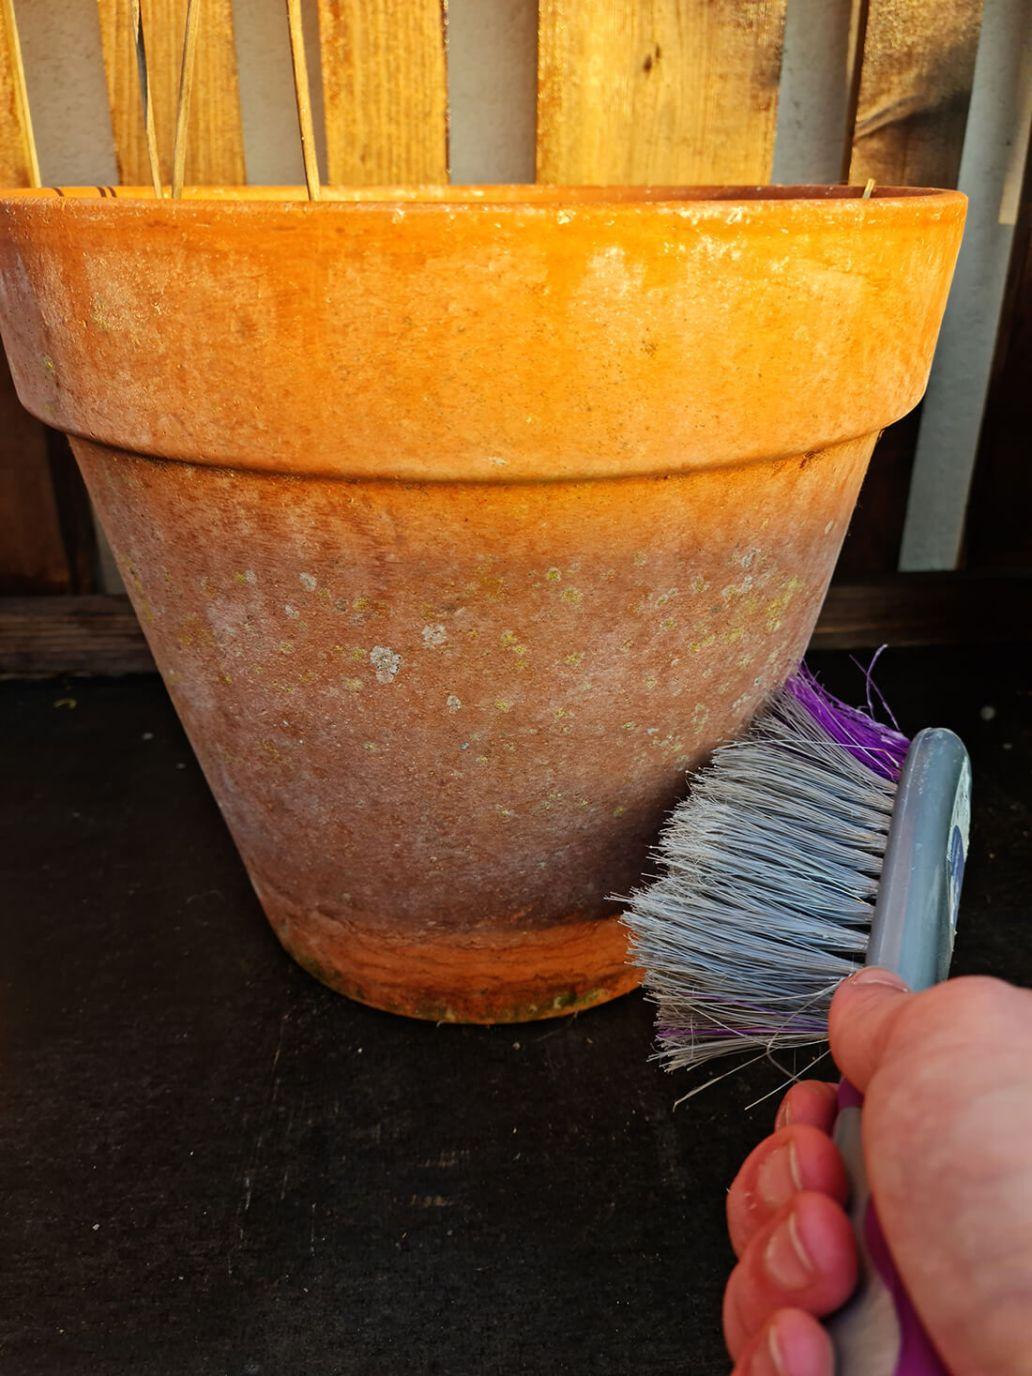 20210610 210805 - DIY jardin : ajouter de la douceur sur un pot de fleurs avec une corde